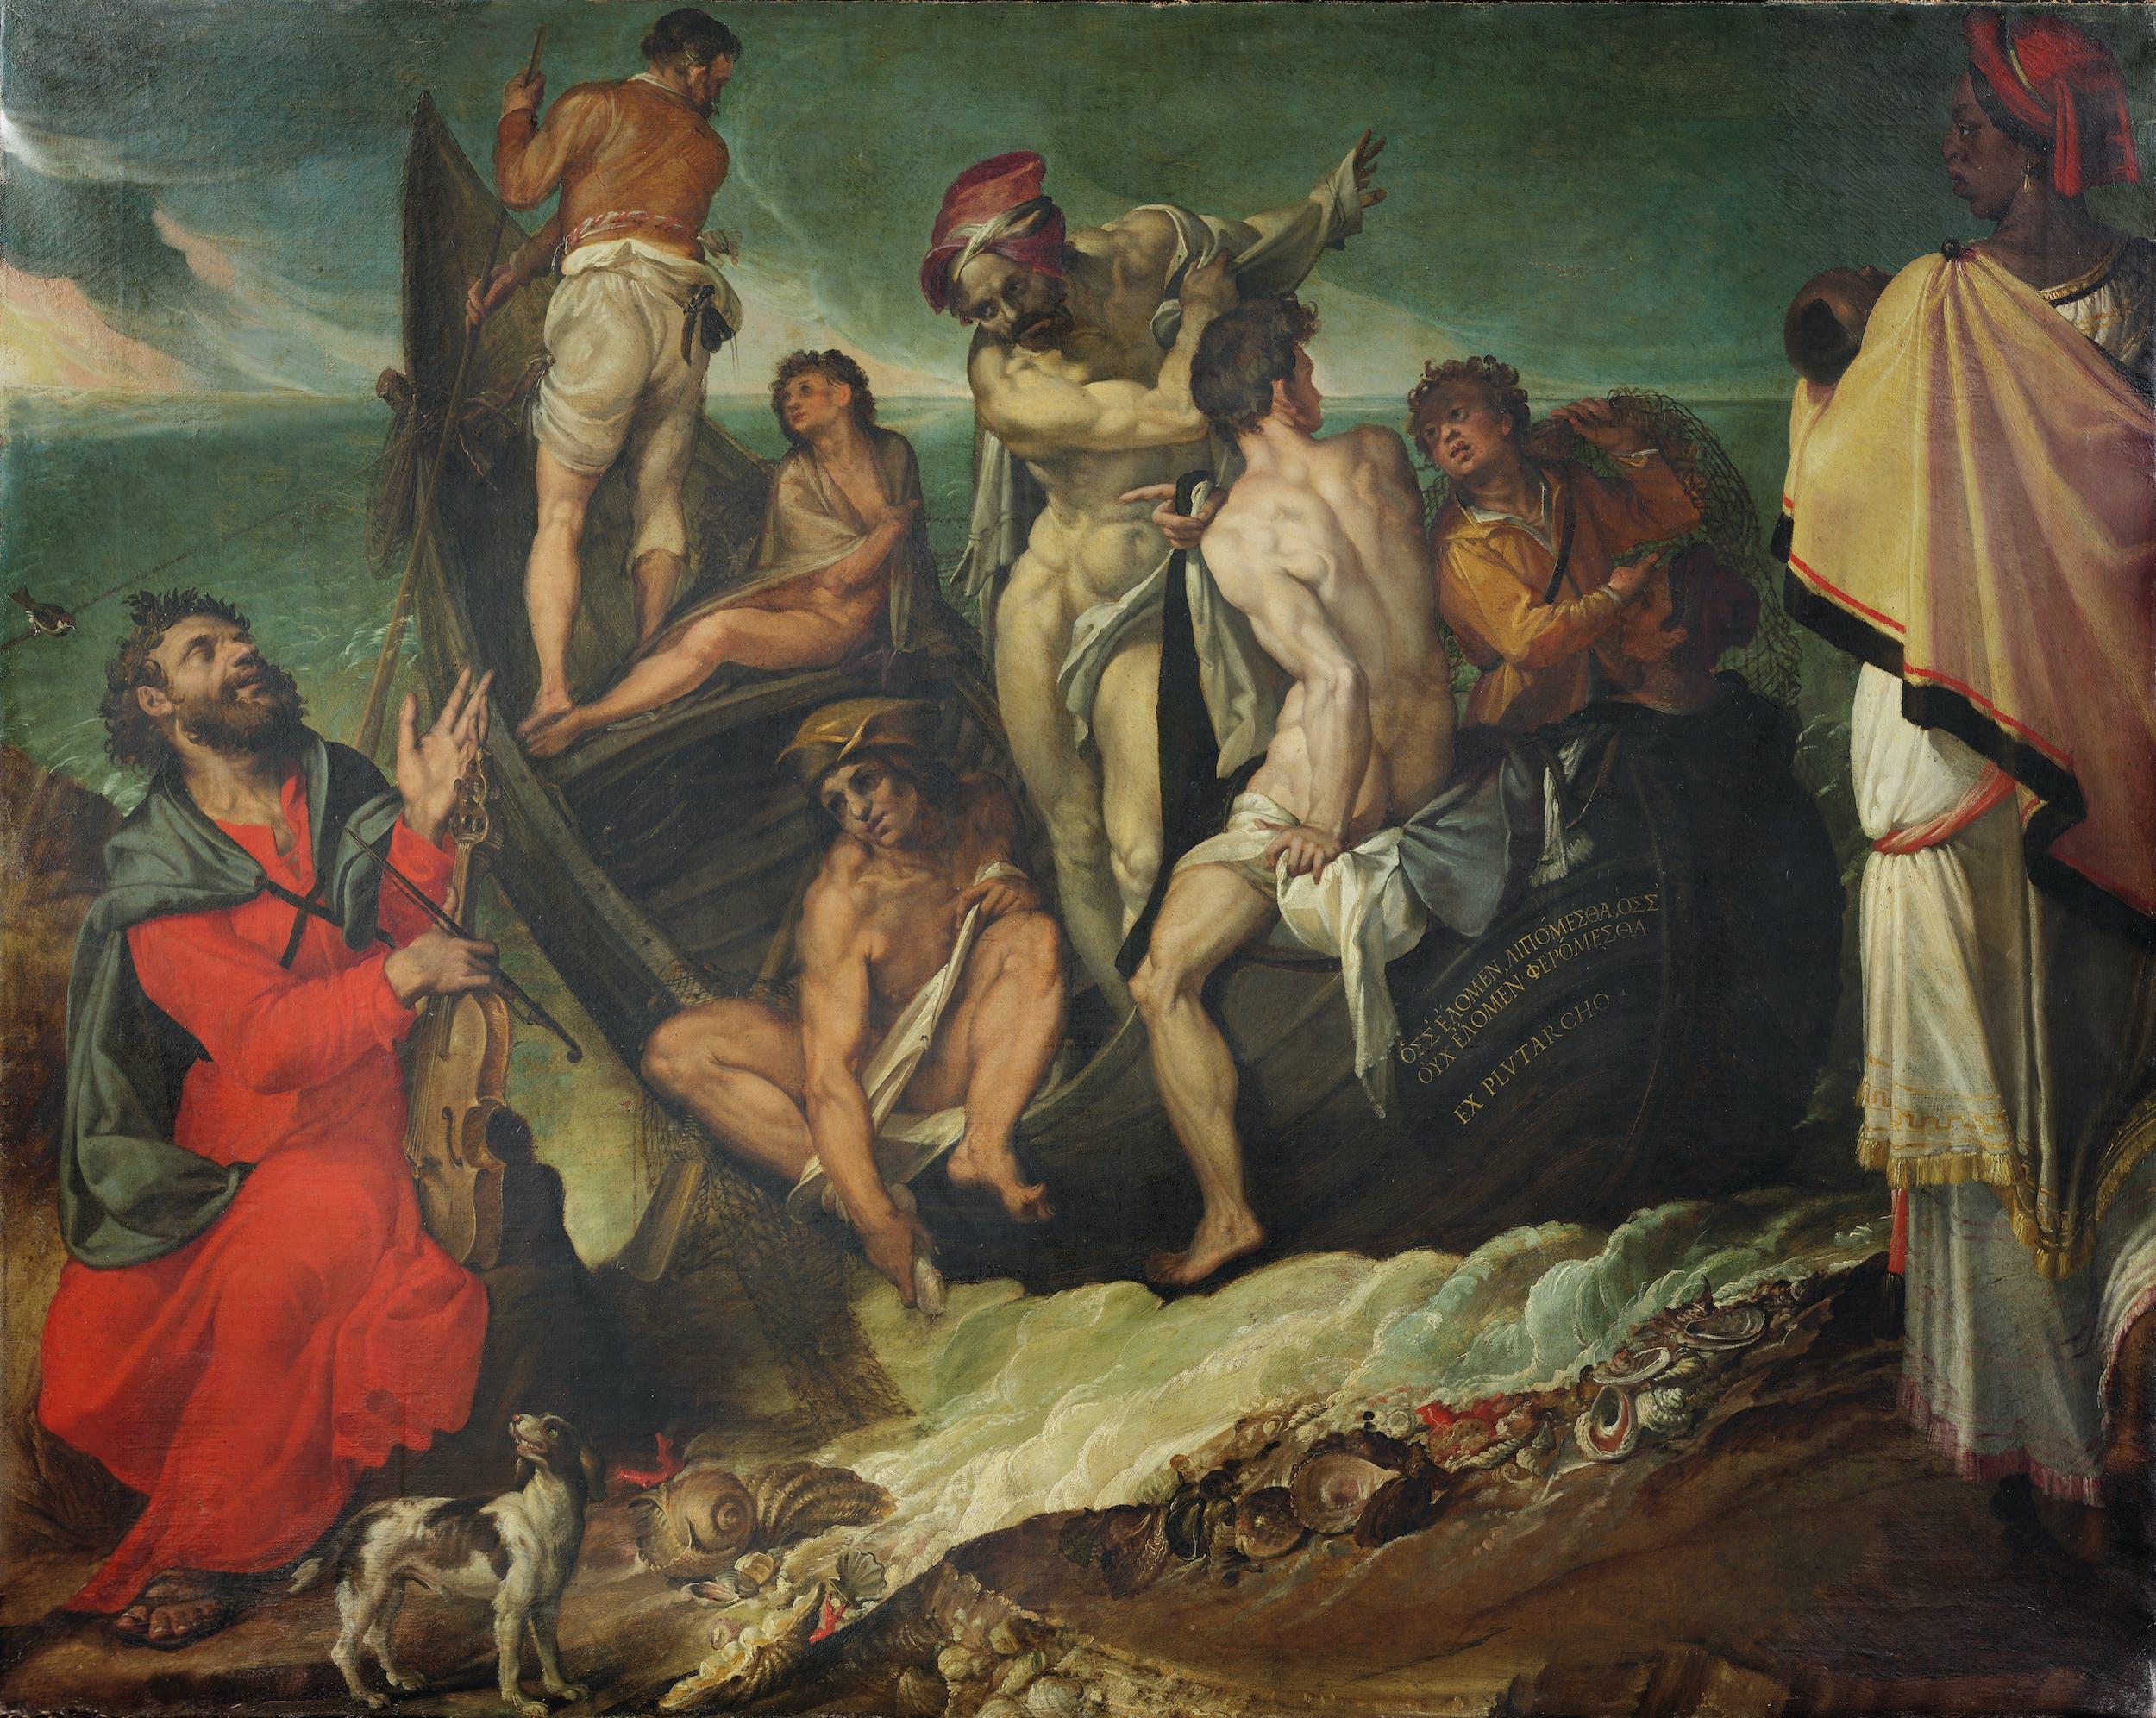 Bartolomeo Passerotti (Bologna, 1529-1592)  L'enigma di Omero  1570-1575 circa  Olio su tela  cm 120 x 144